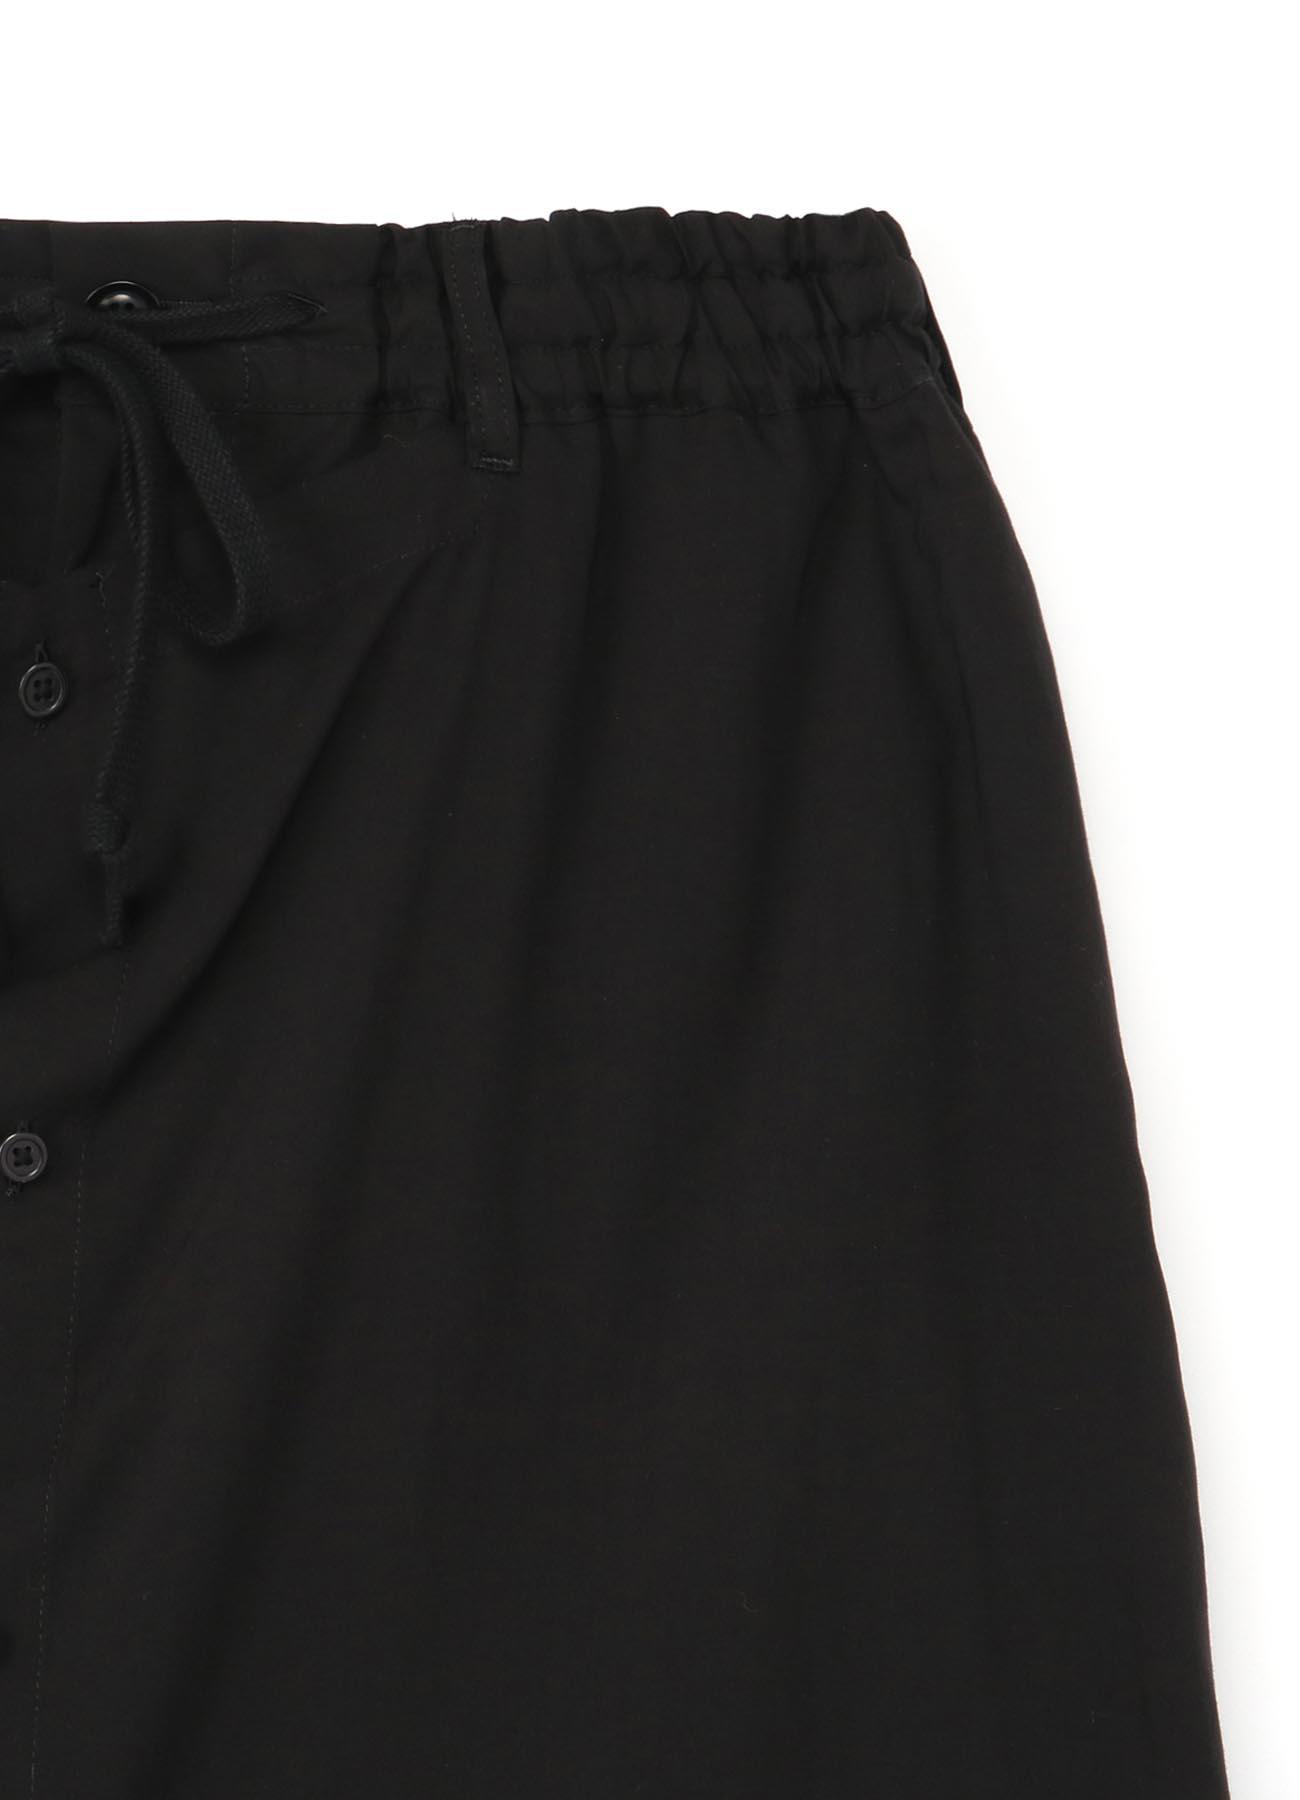 Shirt Docking Pants